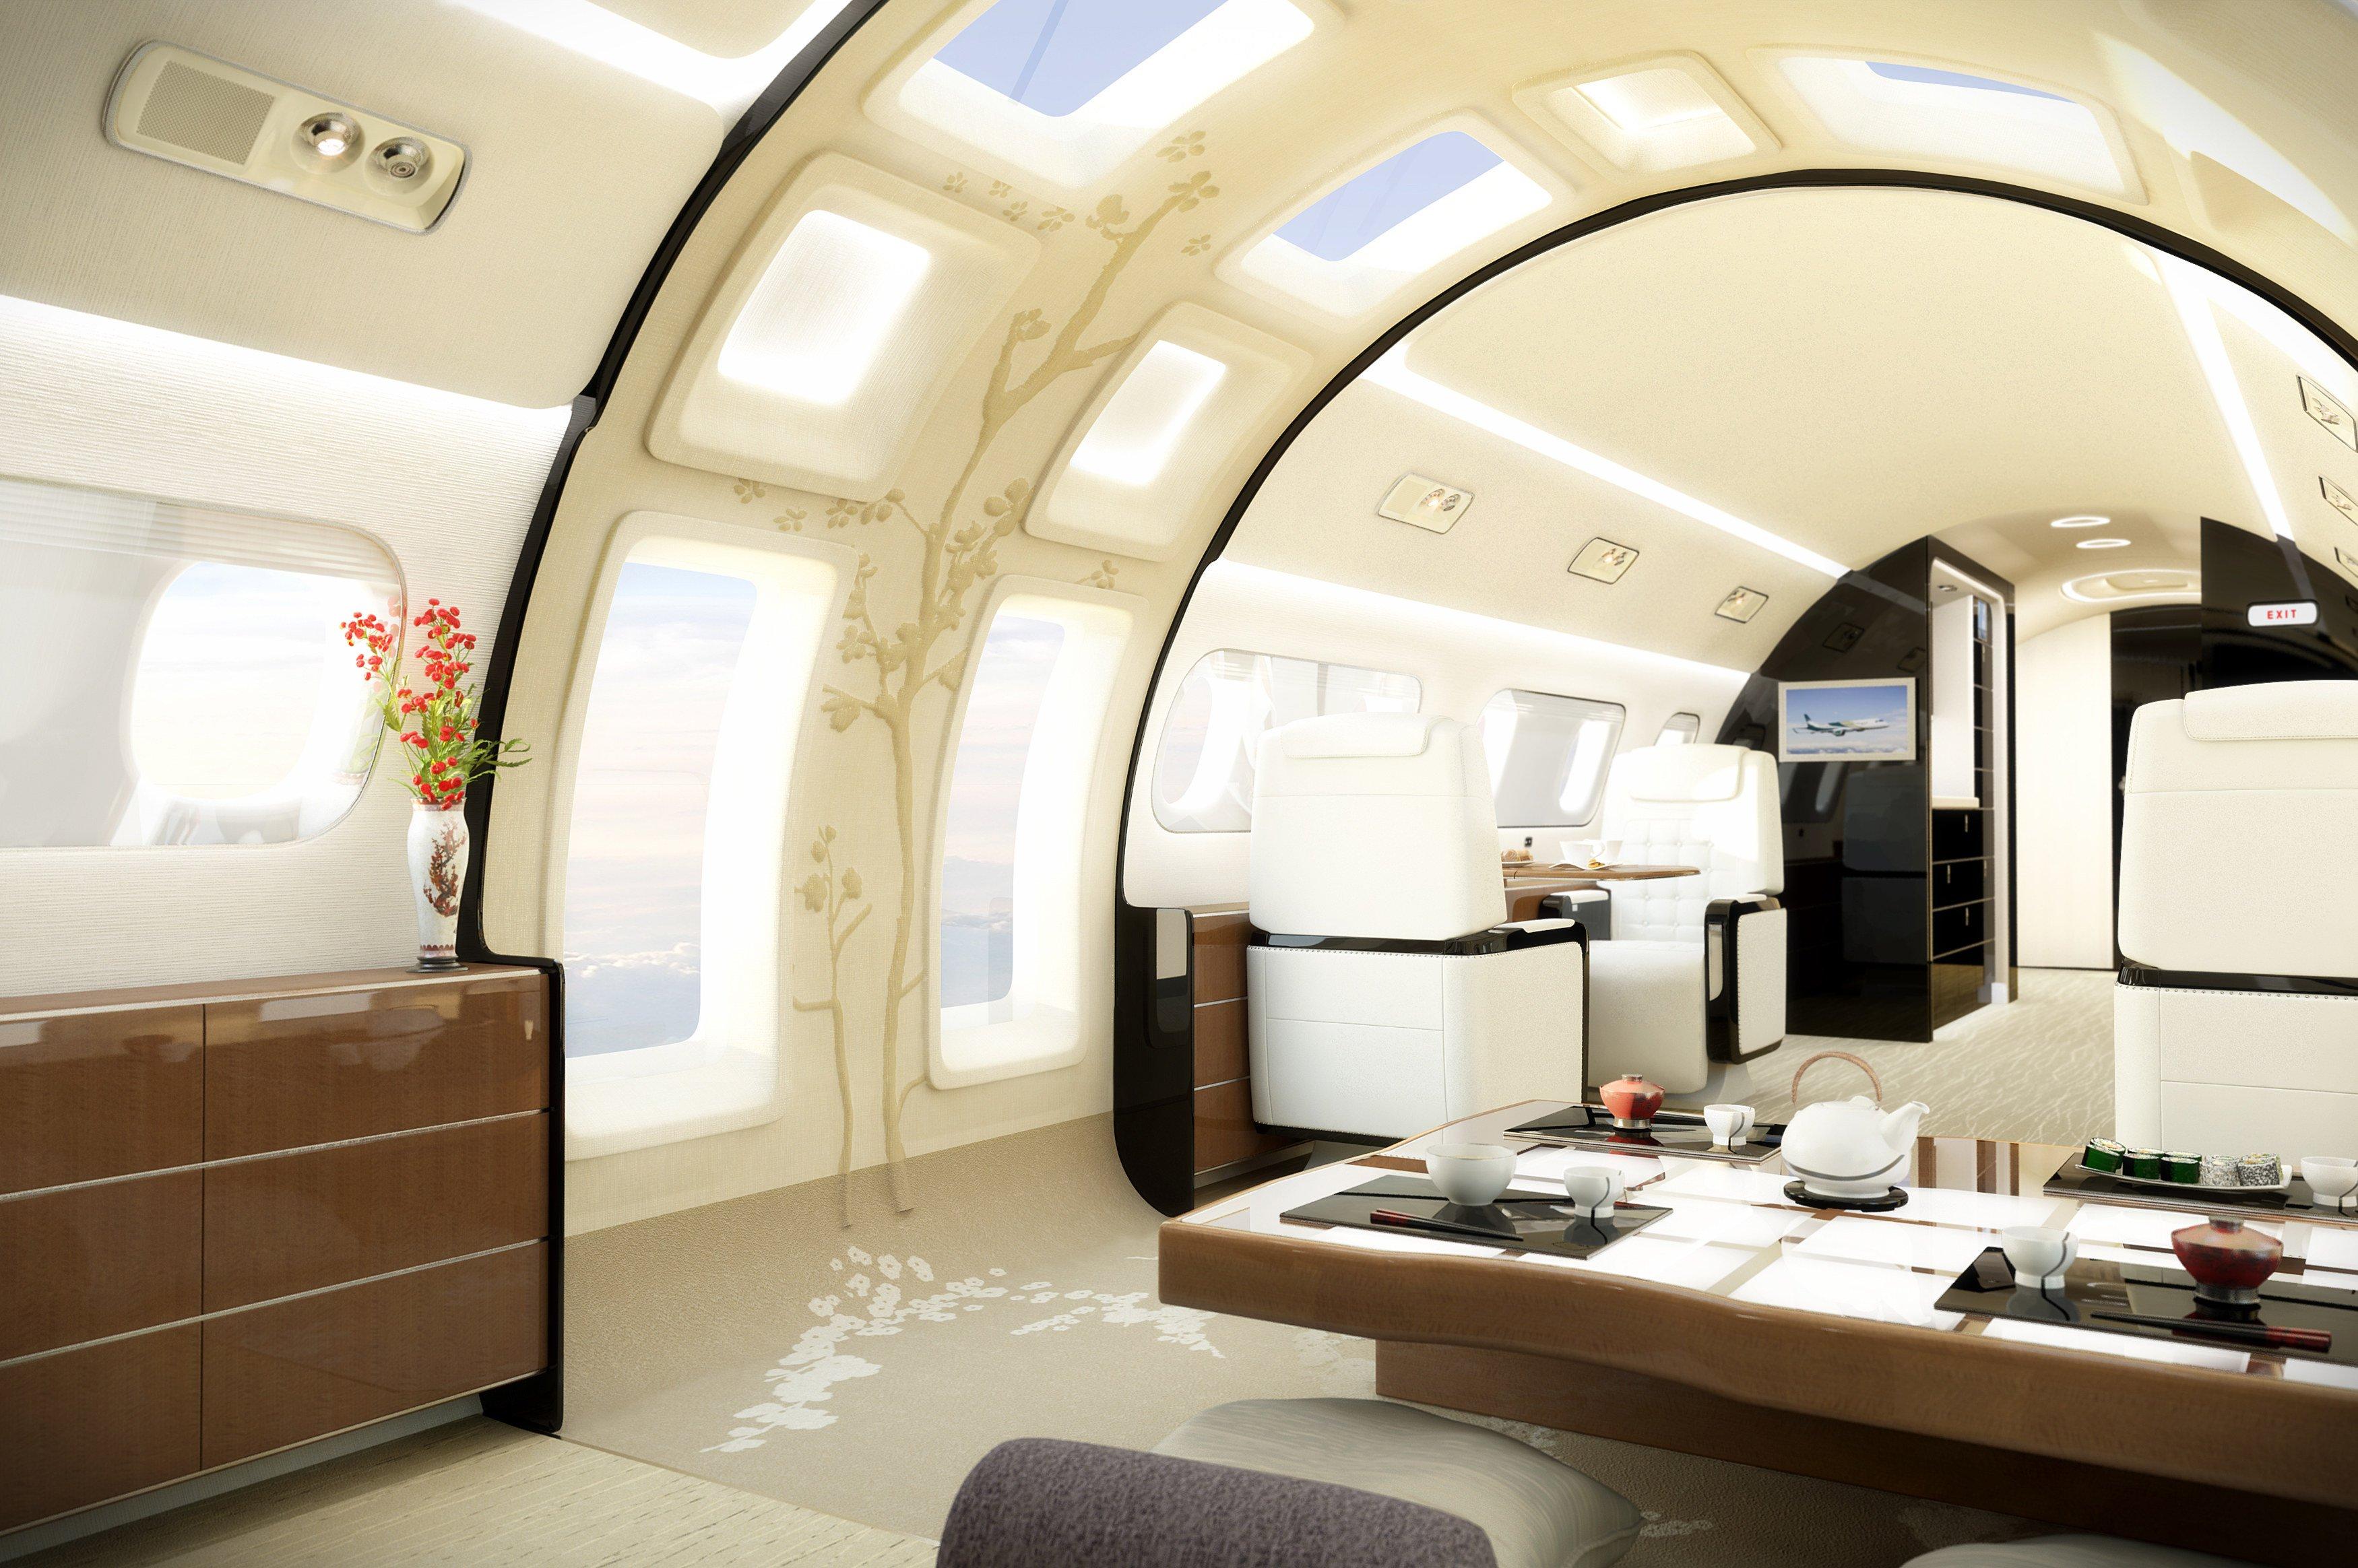 Un Viaje Por El Interior De Un Jet De Lujo Algo Maravilloso